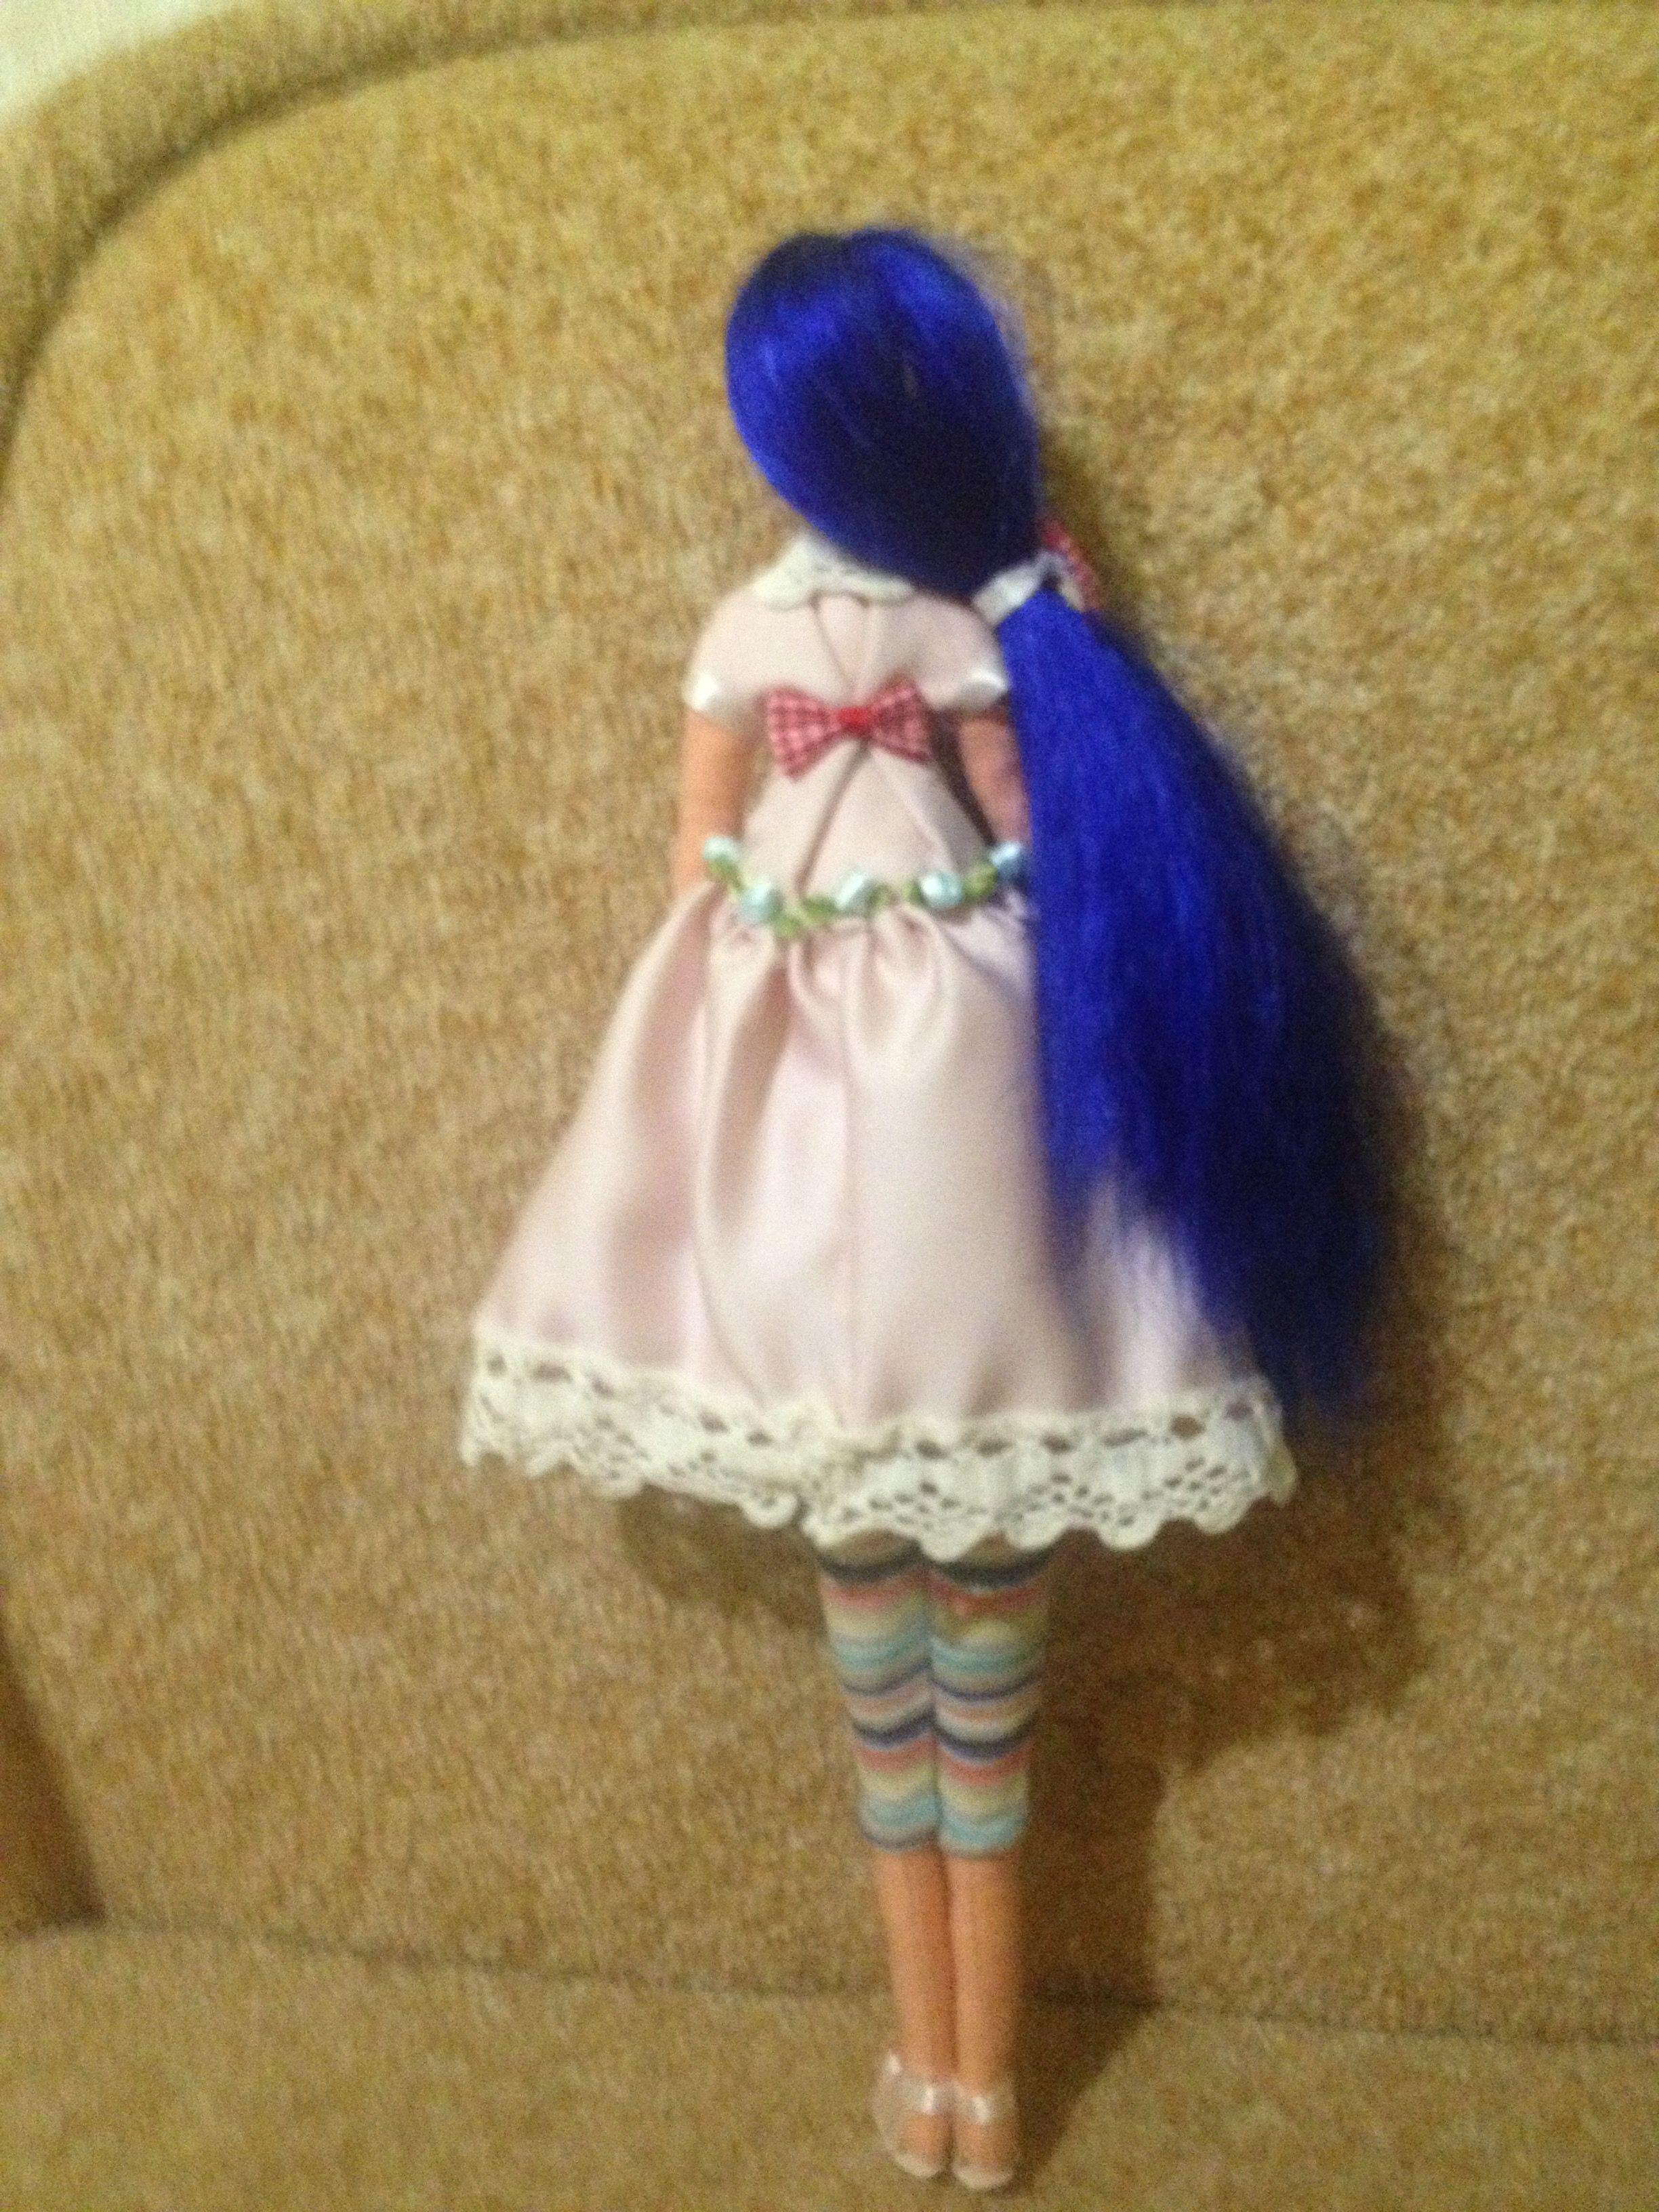 розовое женщине дома декор текстиль тильда красиво кукла работа ручная для волосы ручной работы синие девушке подарок красивая купить платье красивые лучший продам